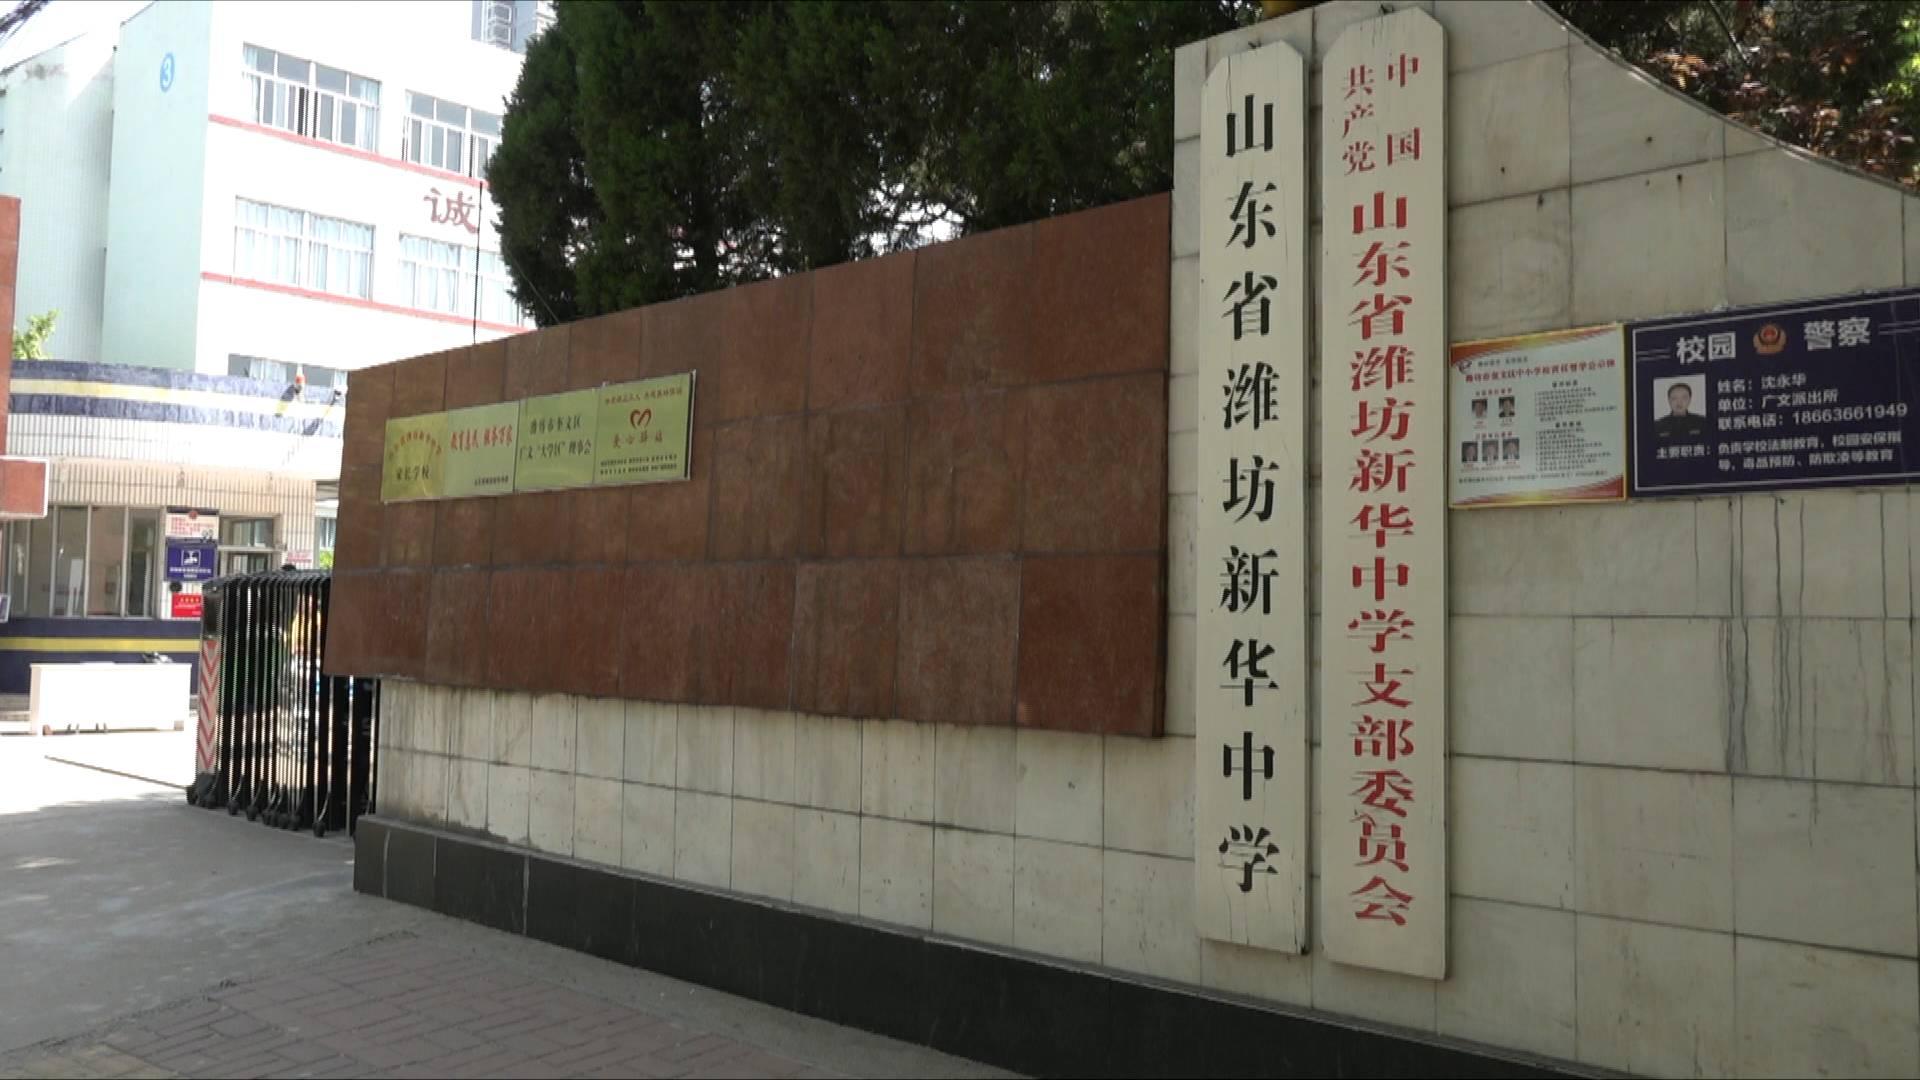 潍坊一中学禁骑电动车令引争议 调查:中学生骑电动车违规现象多